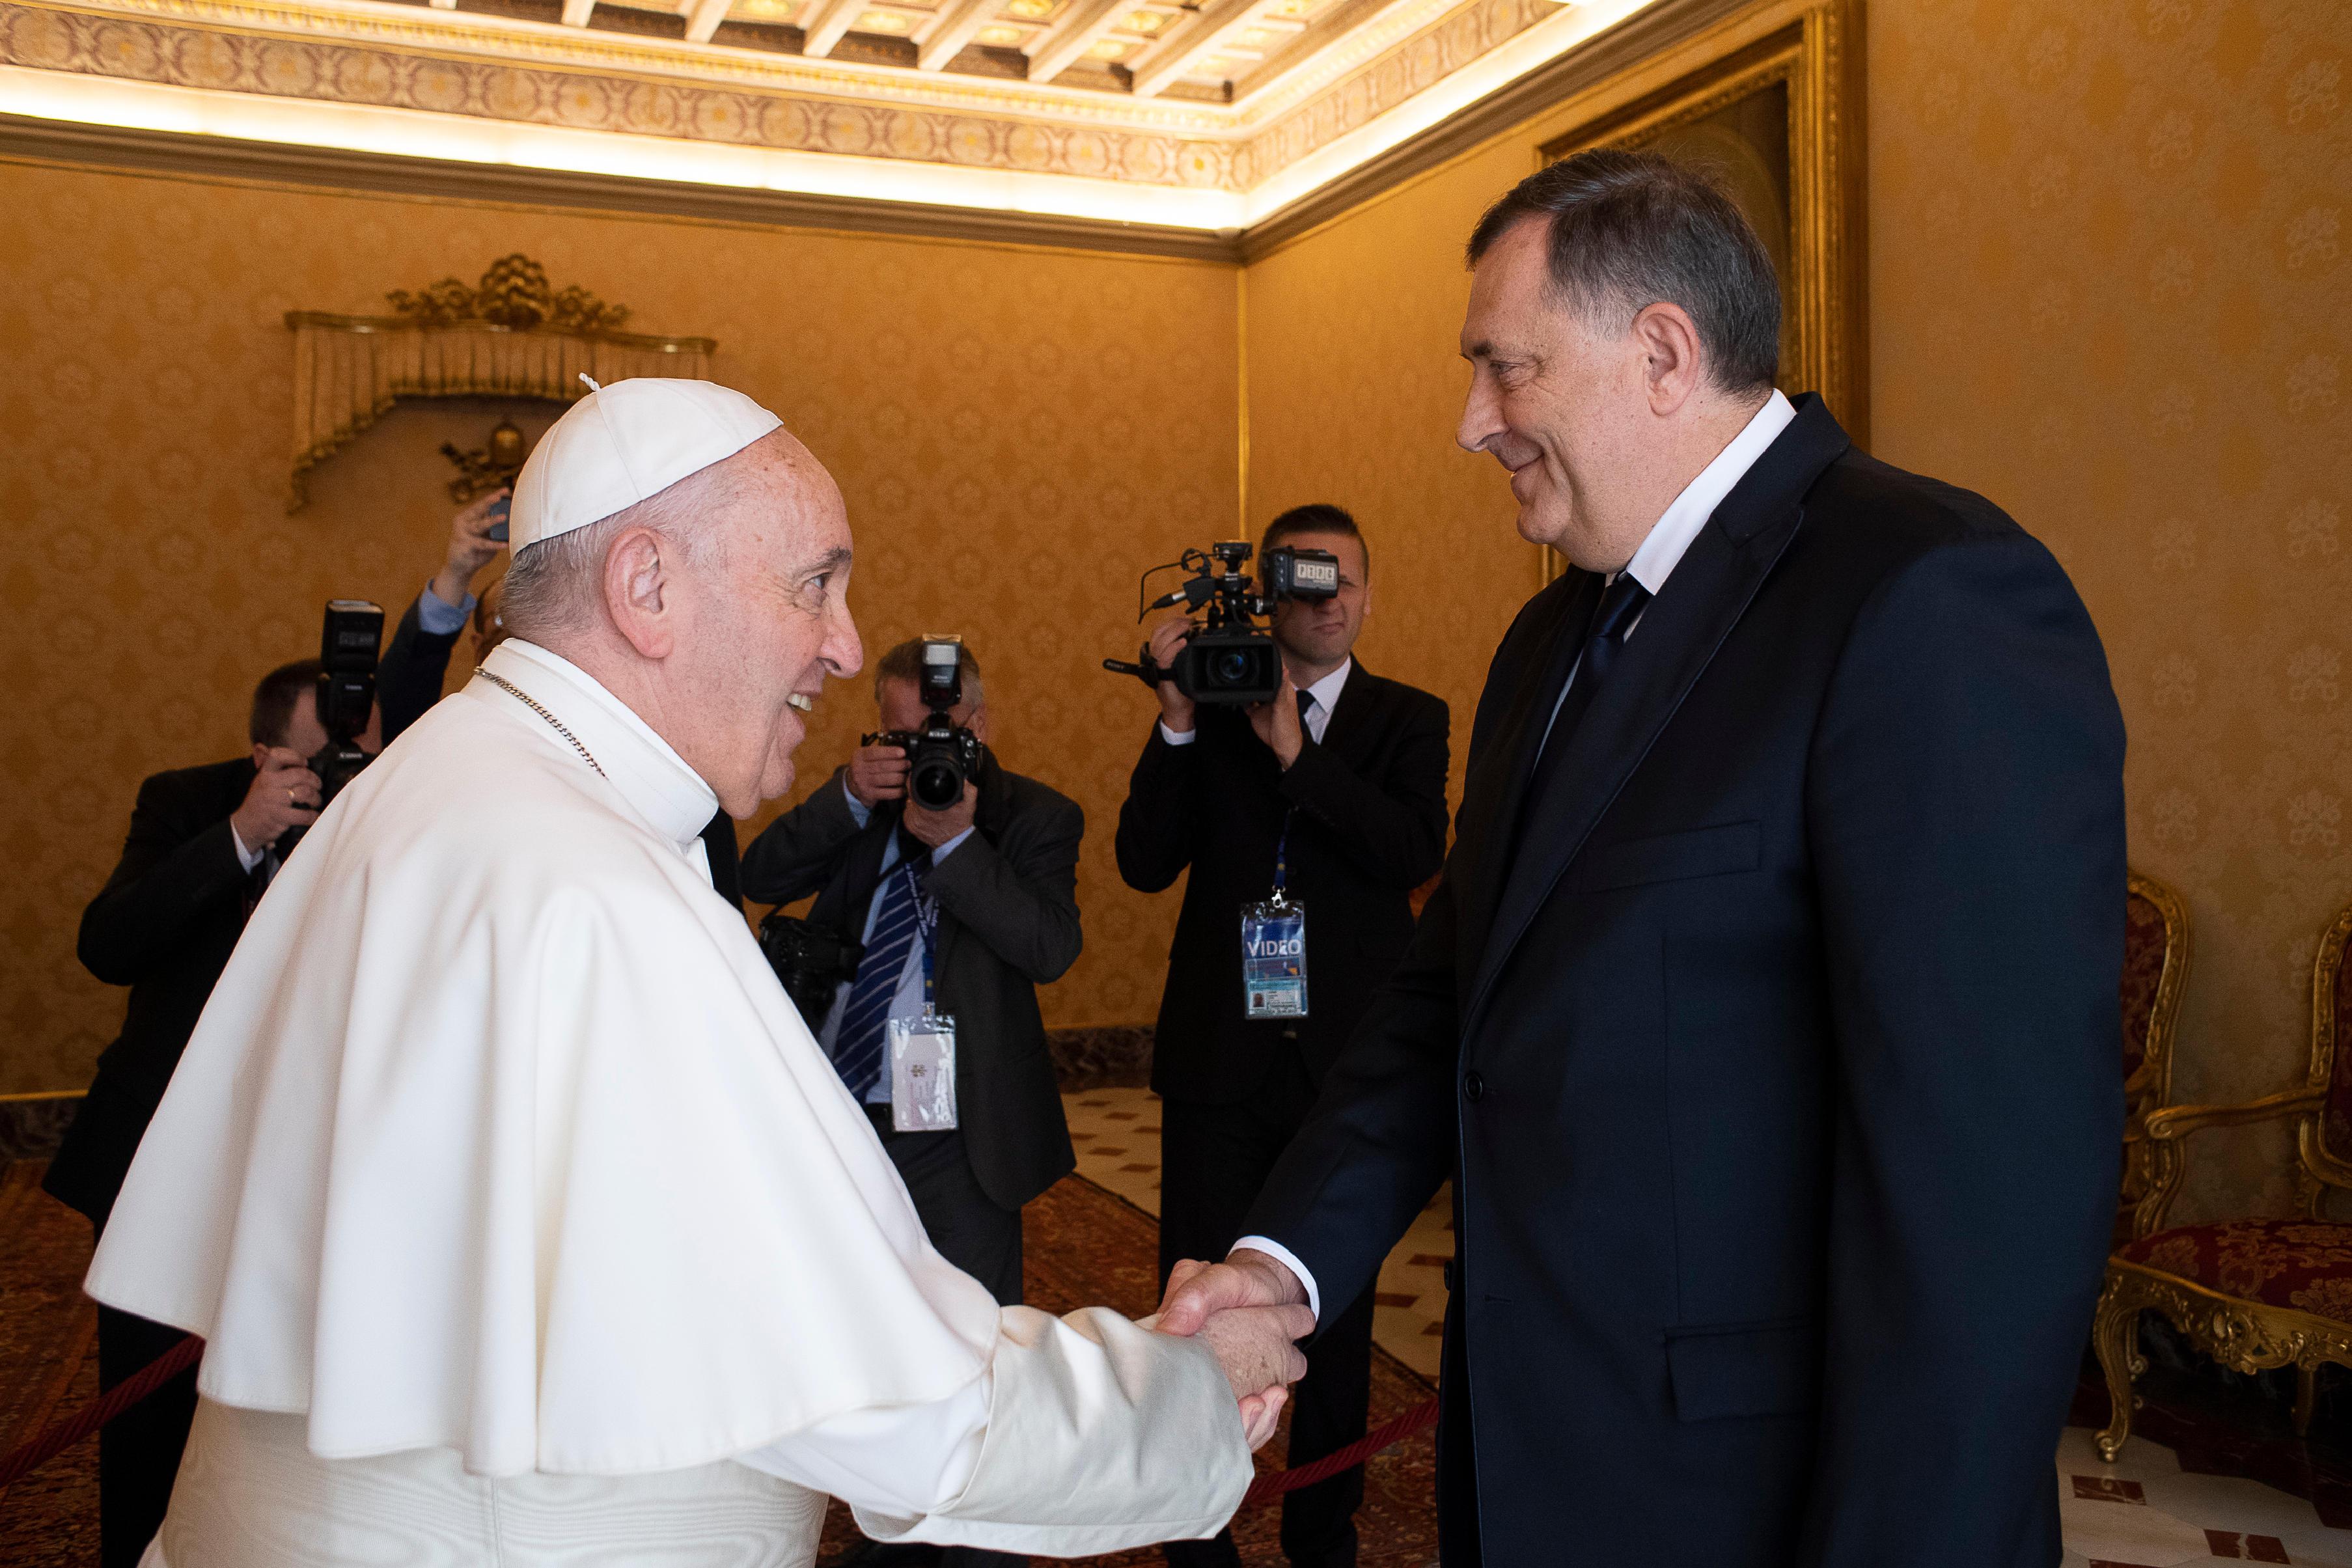 El Papa recibe al político bosnio Milorad Dodik © Vatican Media